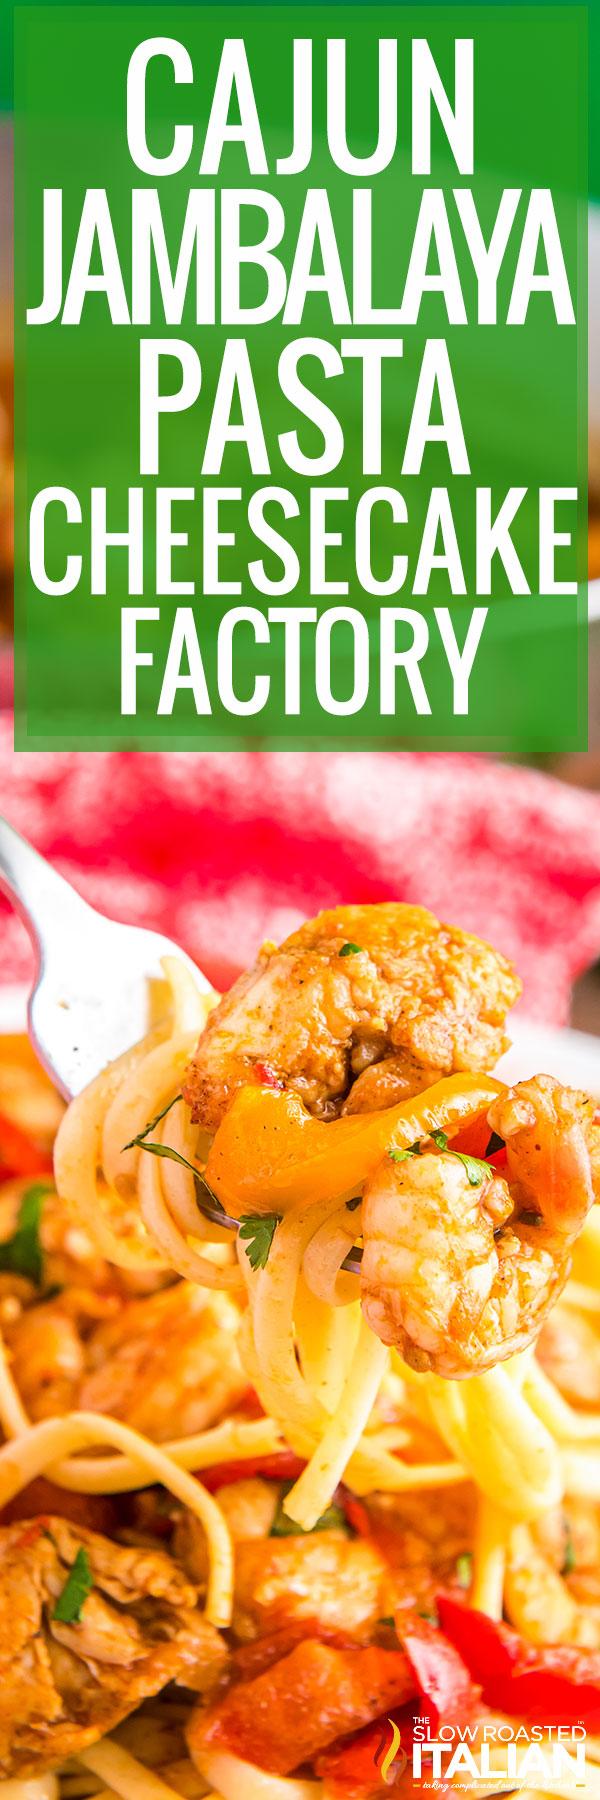 Cajun Jambalaya Pasta Recipe copycat cheesecake factory